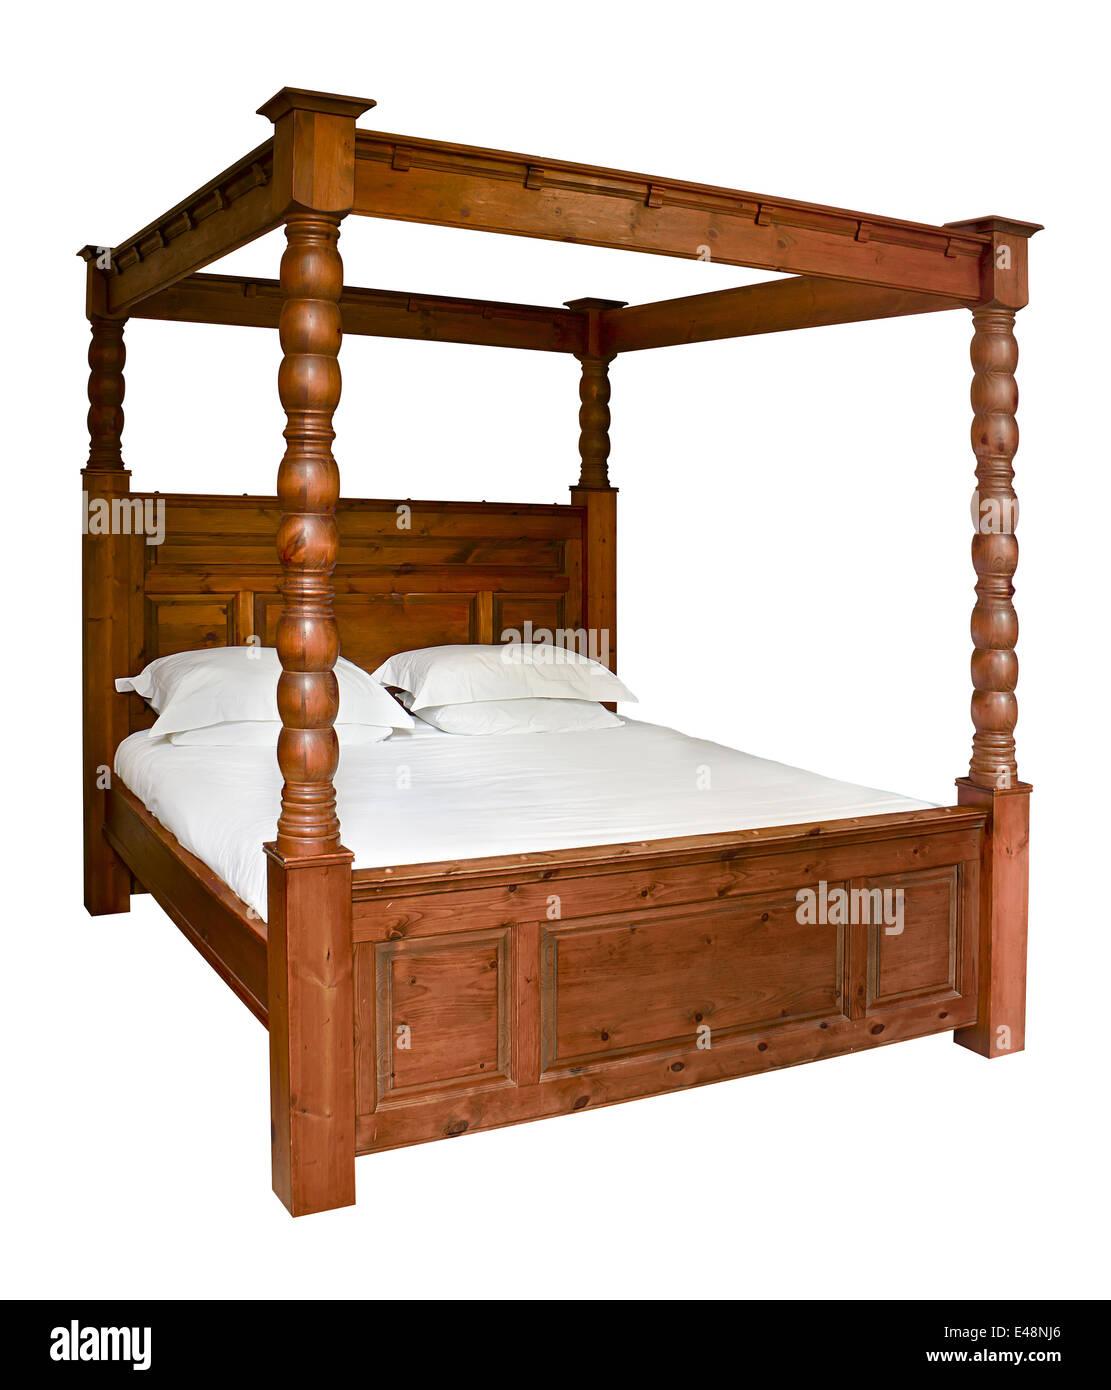 In legno tradizionale Letto a Baldacchino isolata contro uno sfondo bianco Immagini Stock